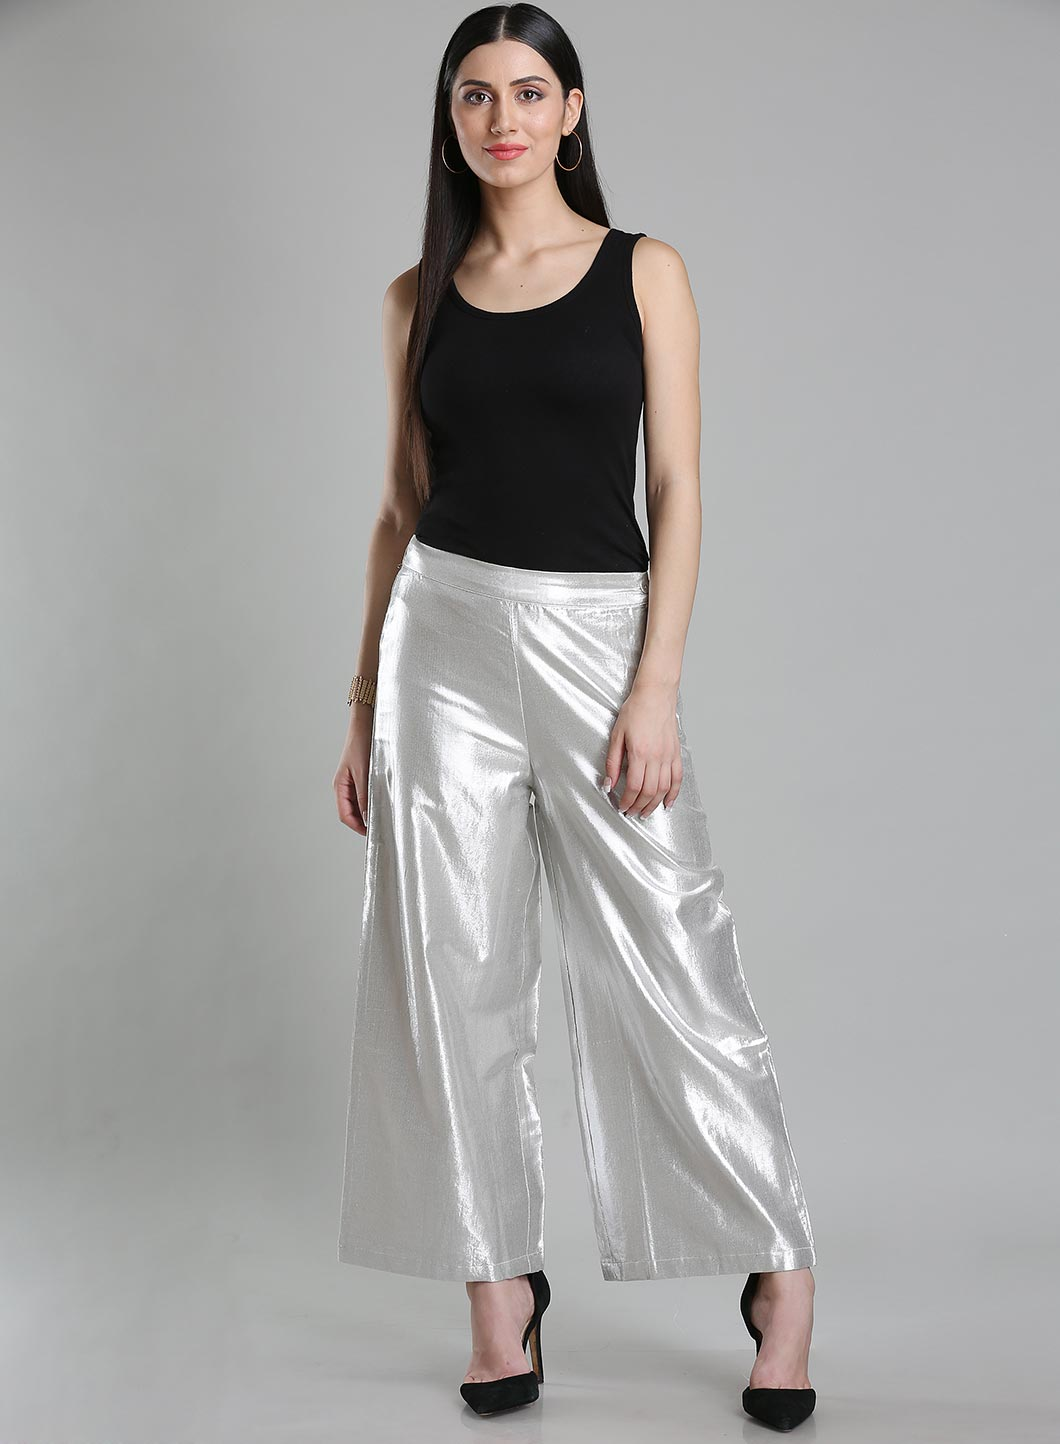 W | Wishful by W-Women Silver Color Pants